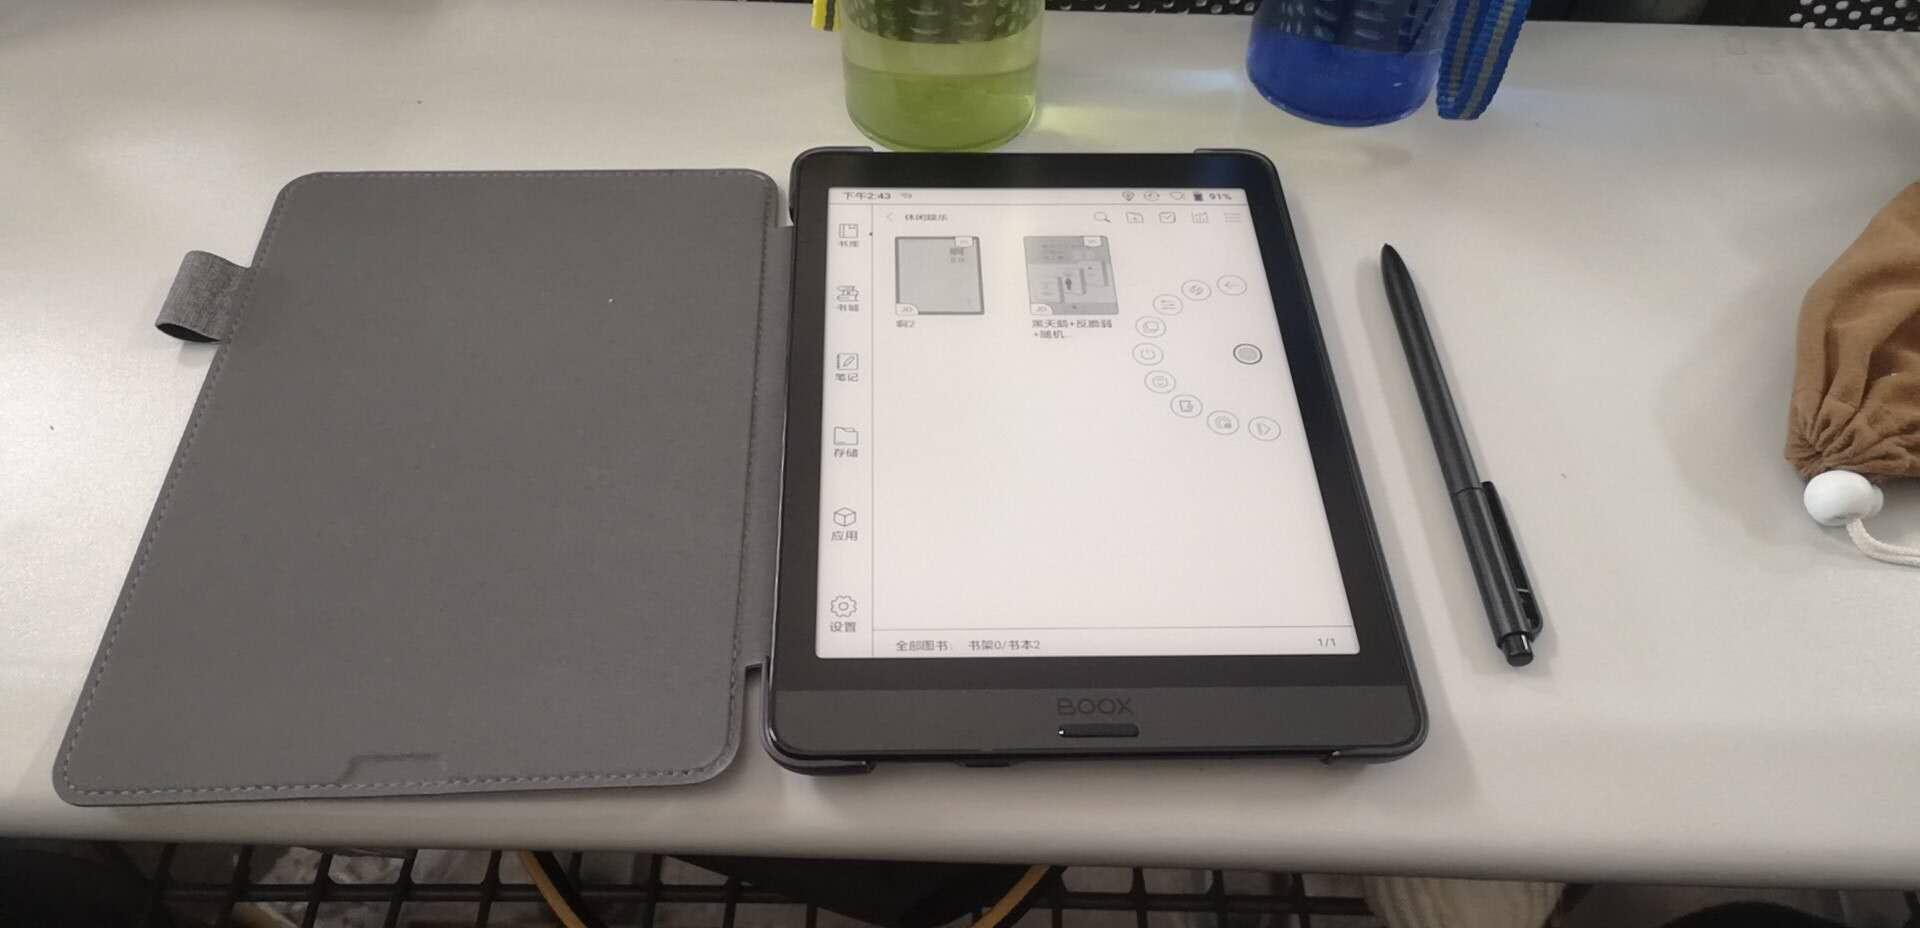 文石Nova3电子书阅读器,送女朋友读书礼物